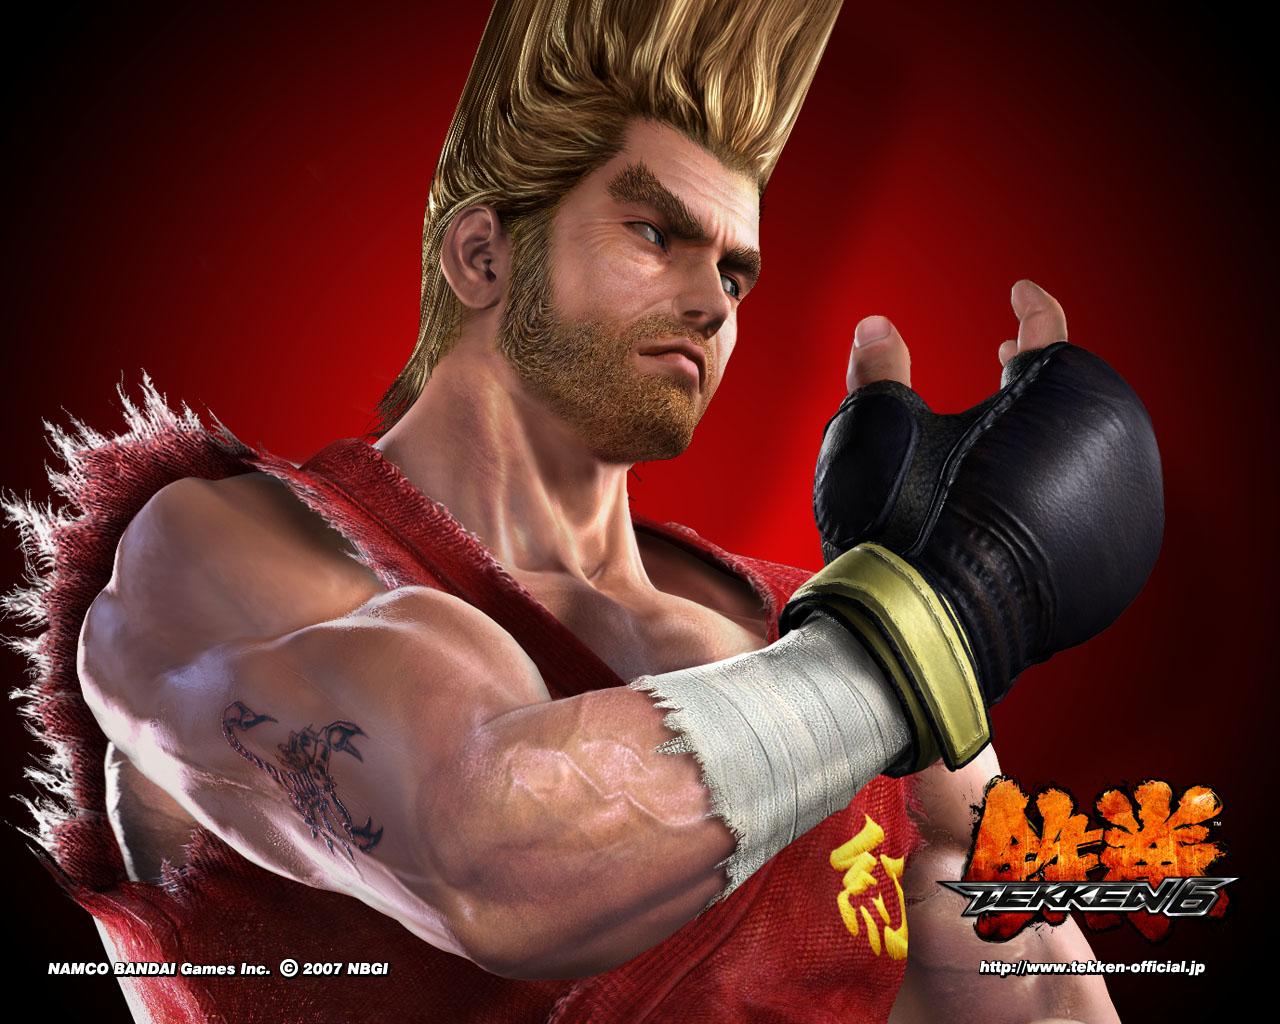 HD Wallpapers Paul Phoenix Tekken 6